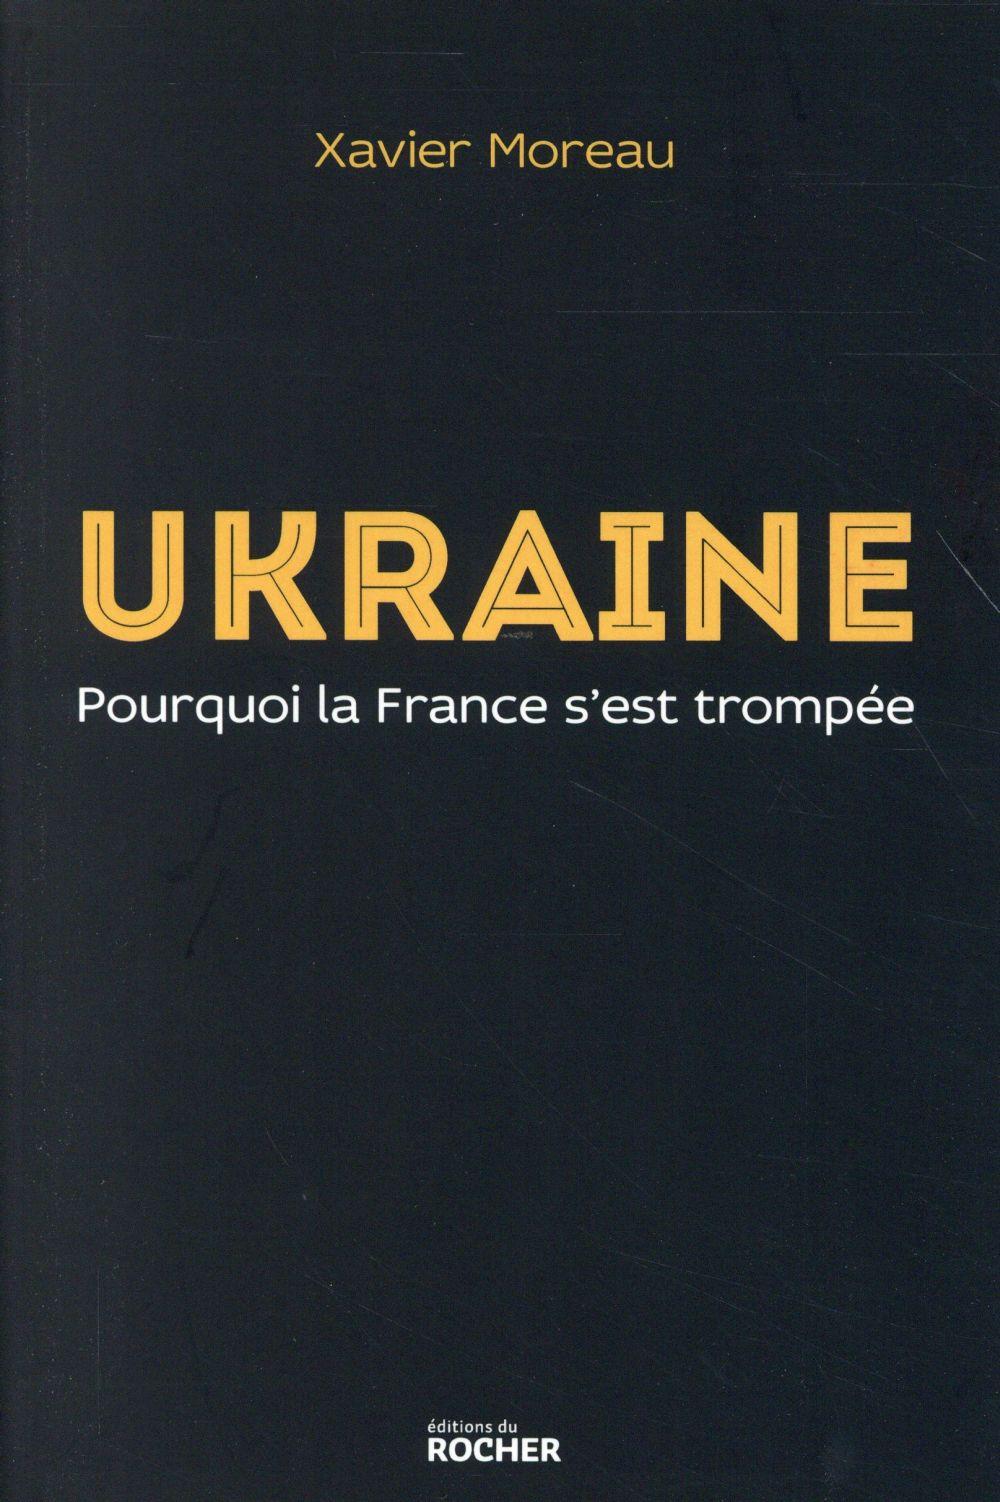 UKRAINE - POURQUOI LA FRANCE S'EST TROMPEE